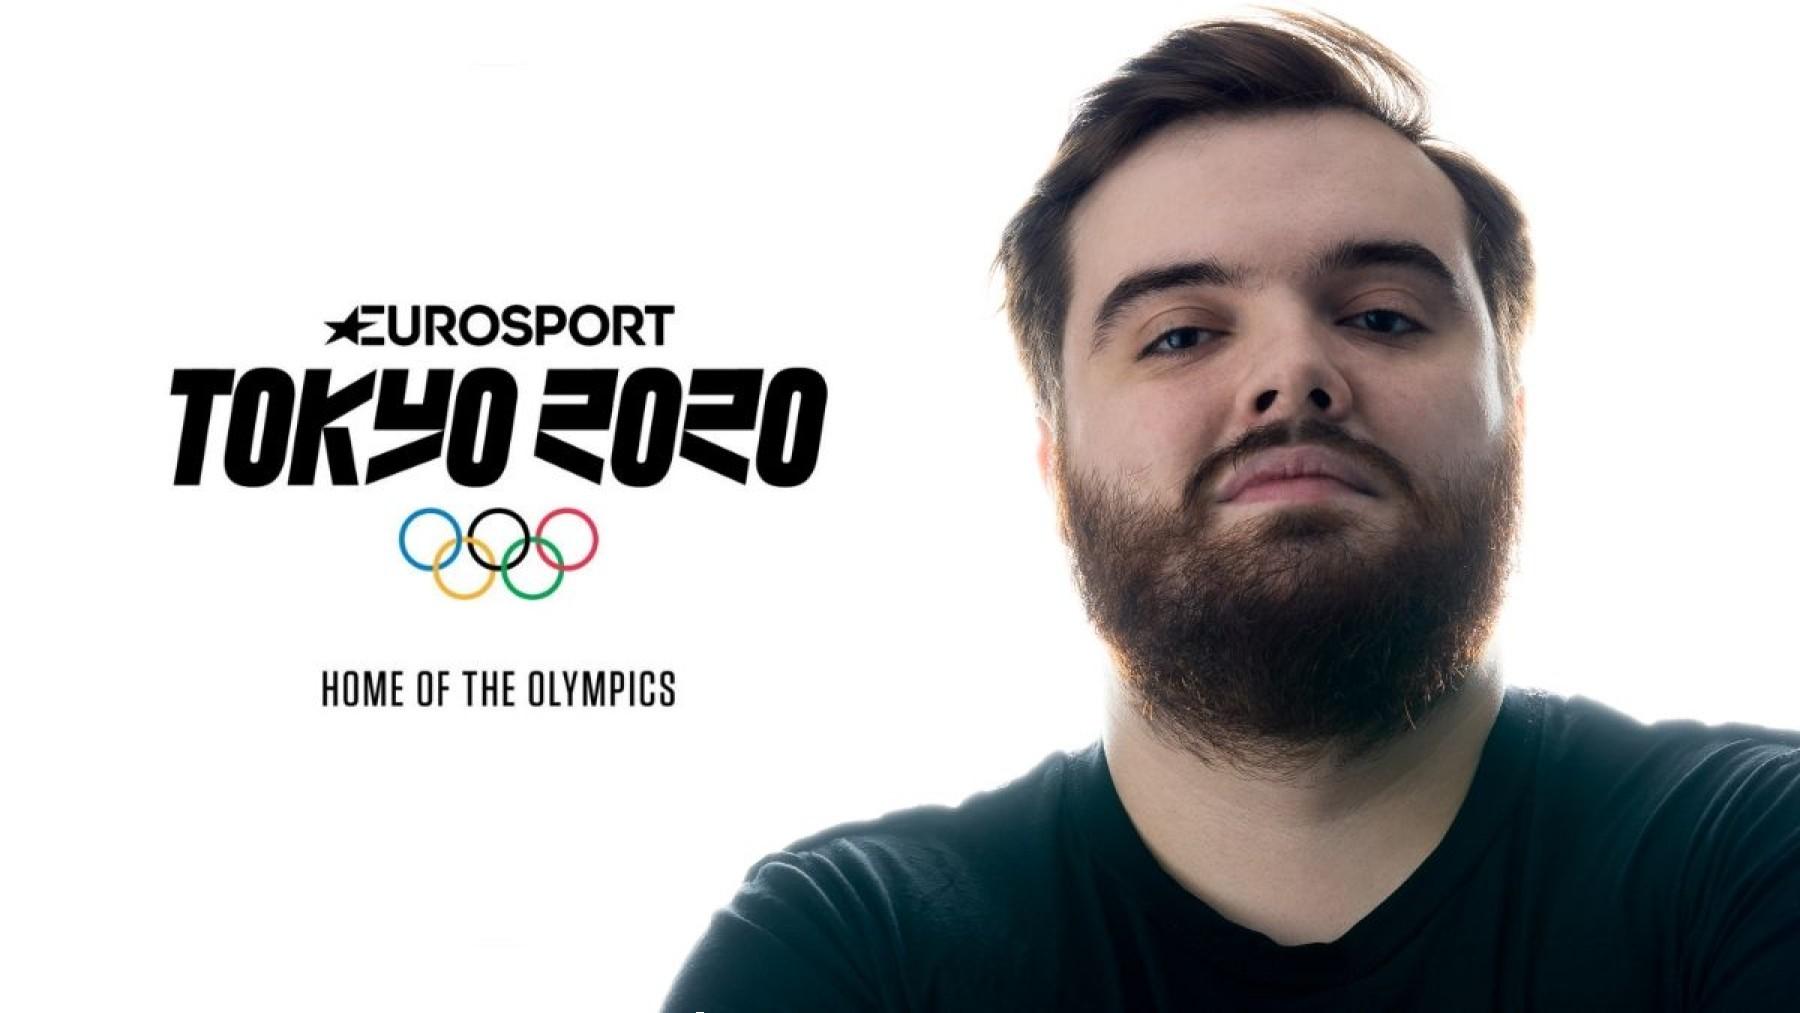 Ibai Llanos, narrador de Eurosport para los Juegos Olímpicos de Tokio.